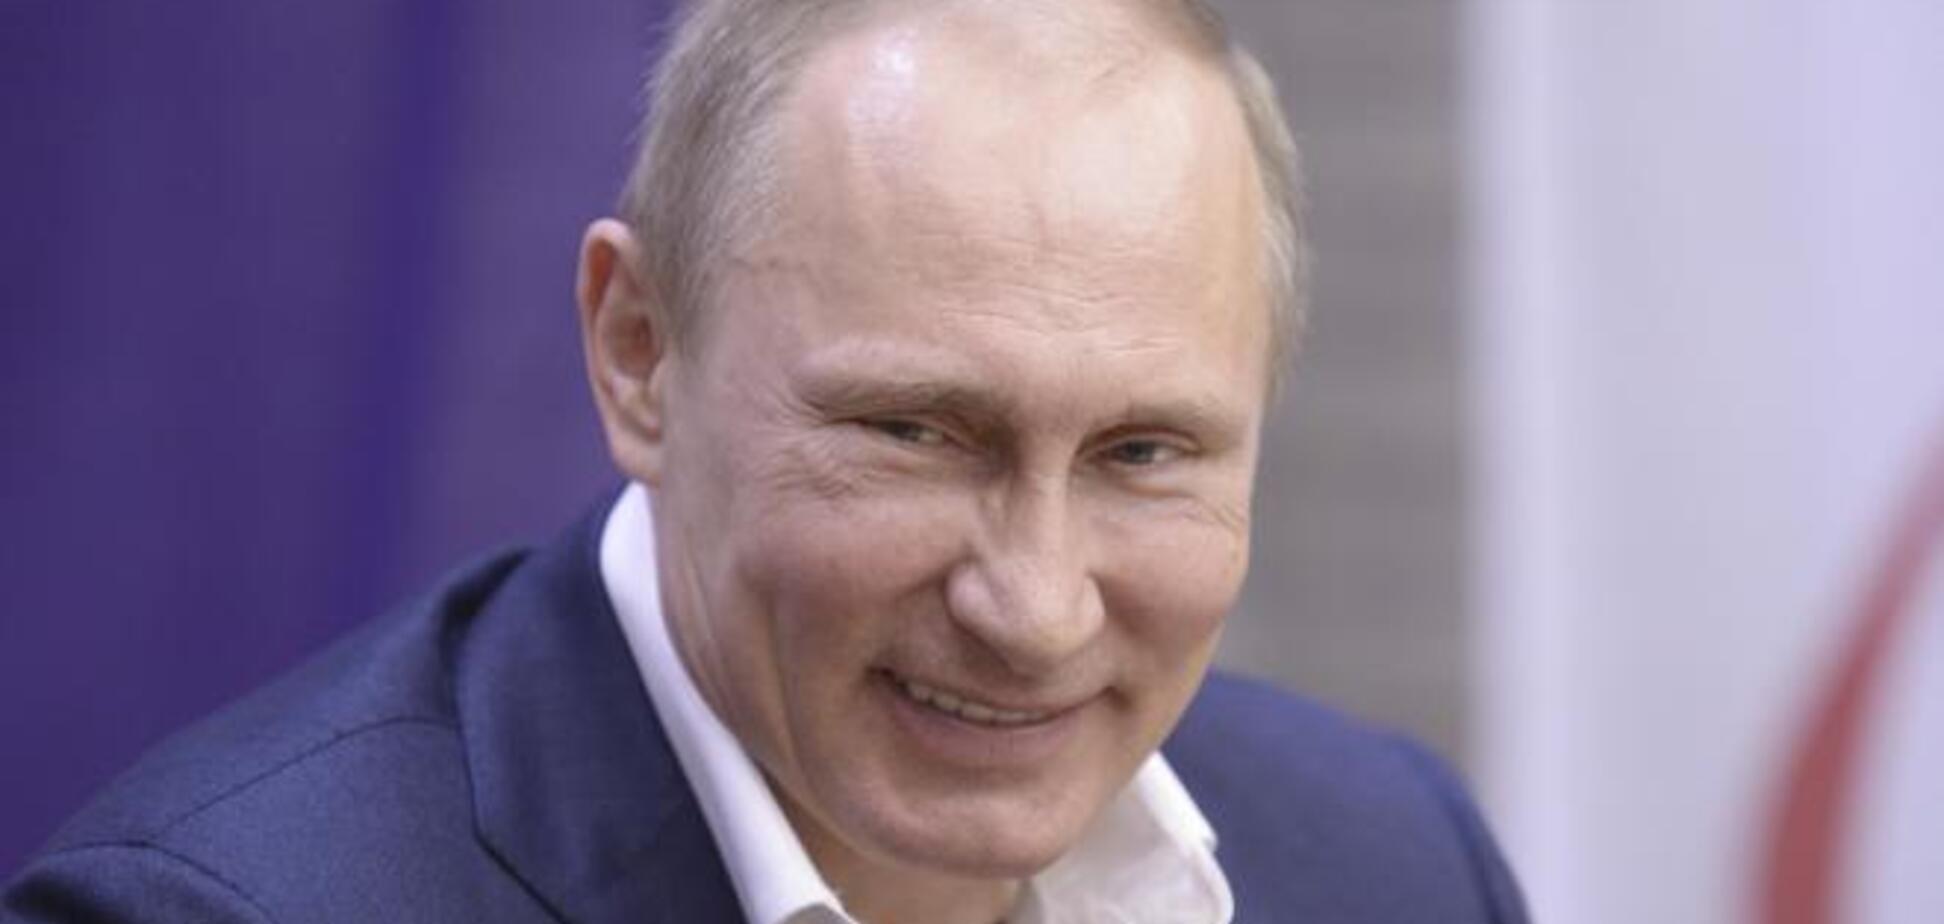 Путин скоро начнет новую войну - Немцов